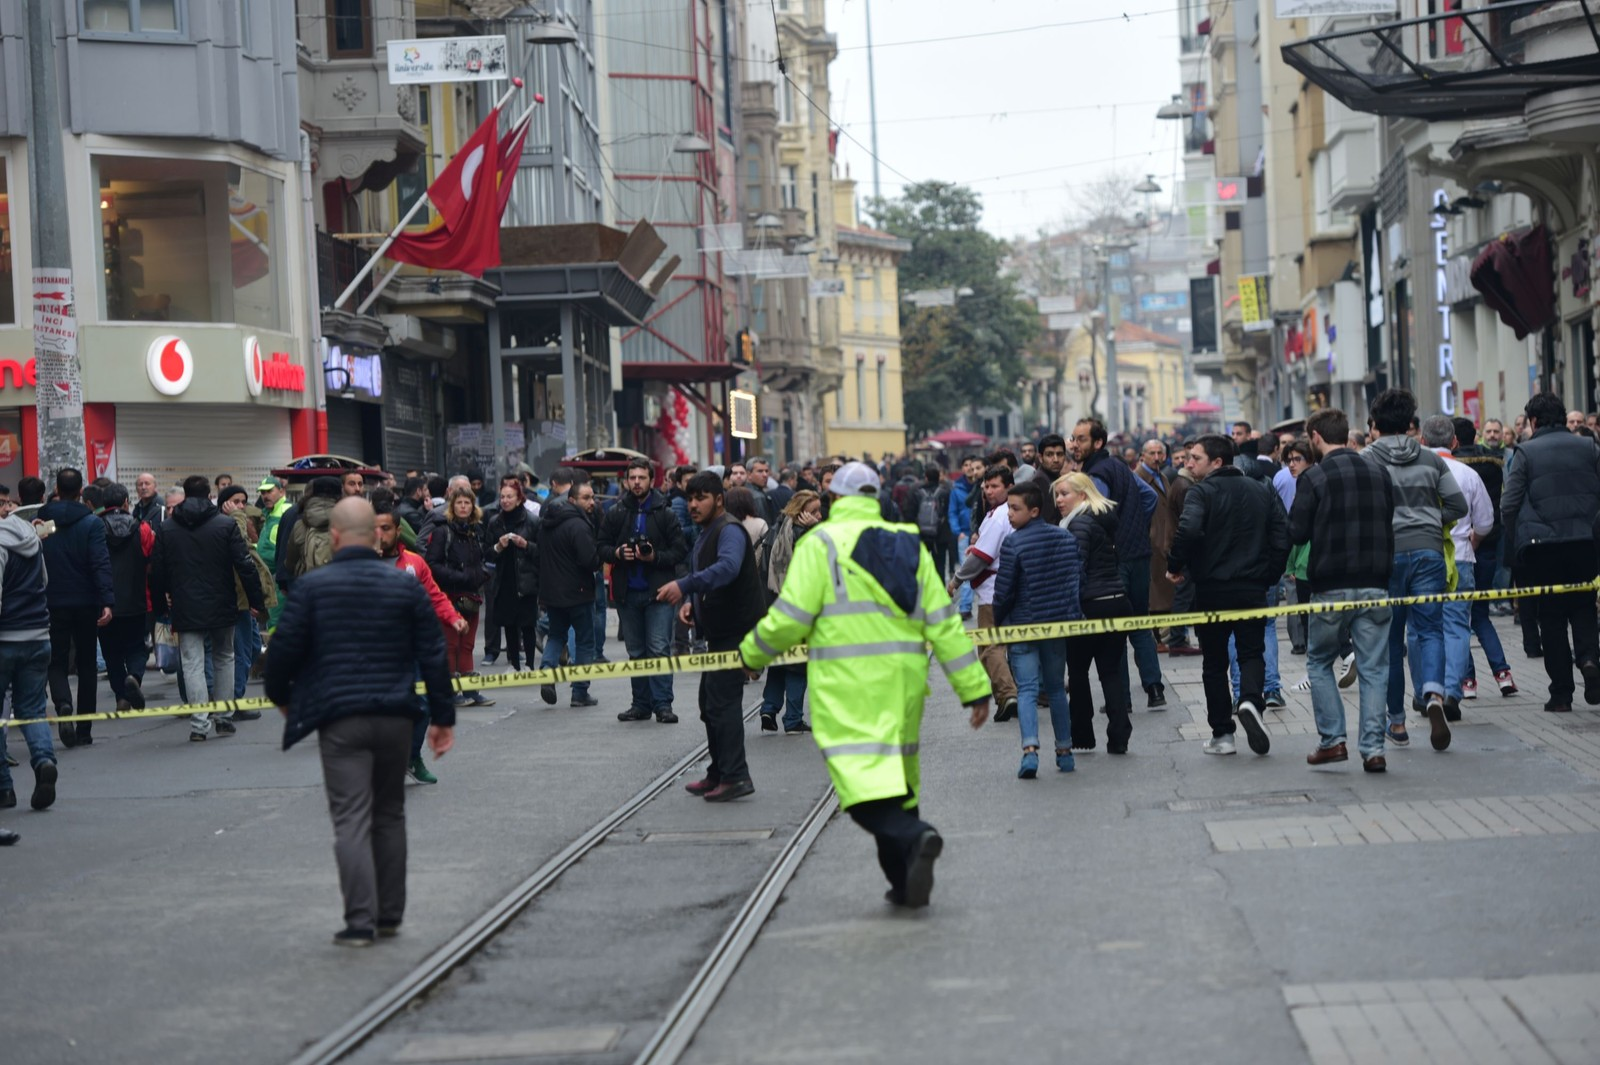 Eksplosjonen skjedde i Bato-gaten som er en av mange parallellgater til Istiklal-gaten. Istiklal er storbyens største handelsgate og flere millioner mennesker ferdes her i helgene